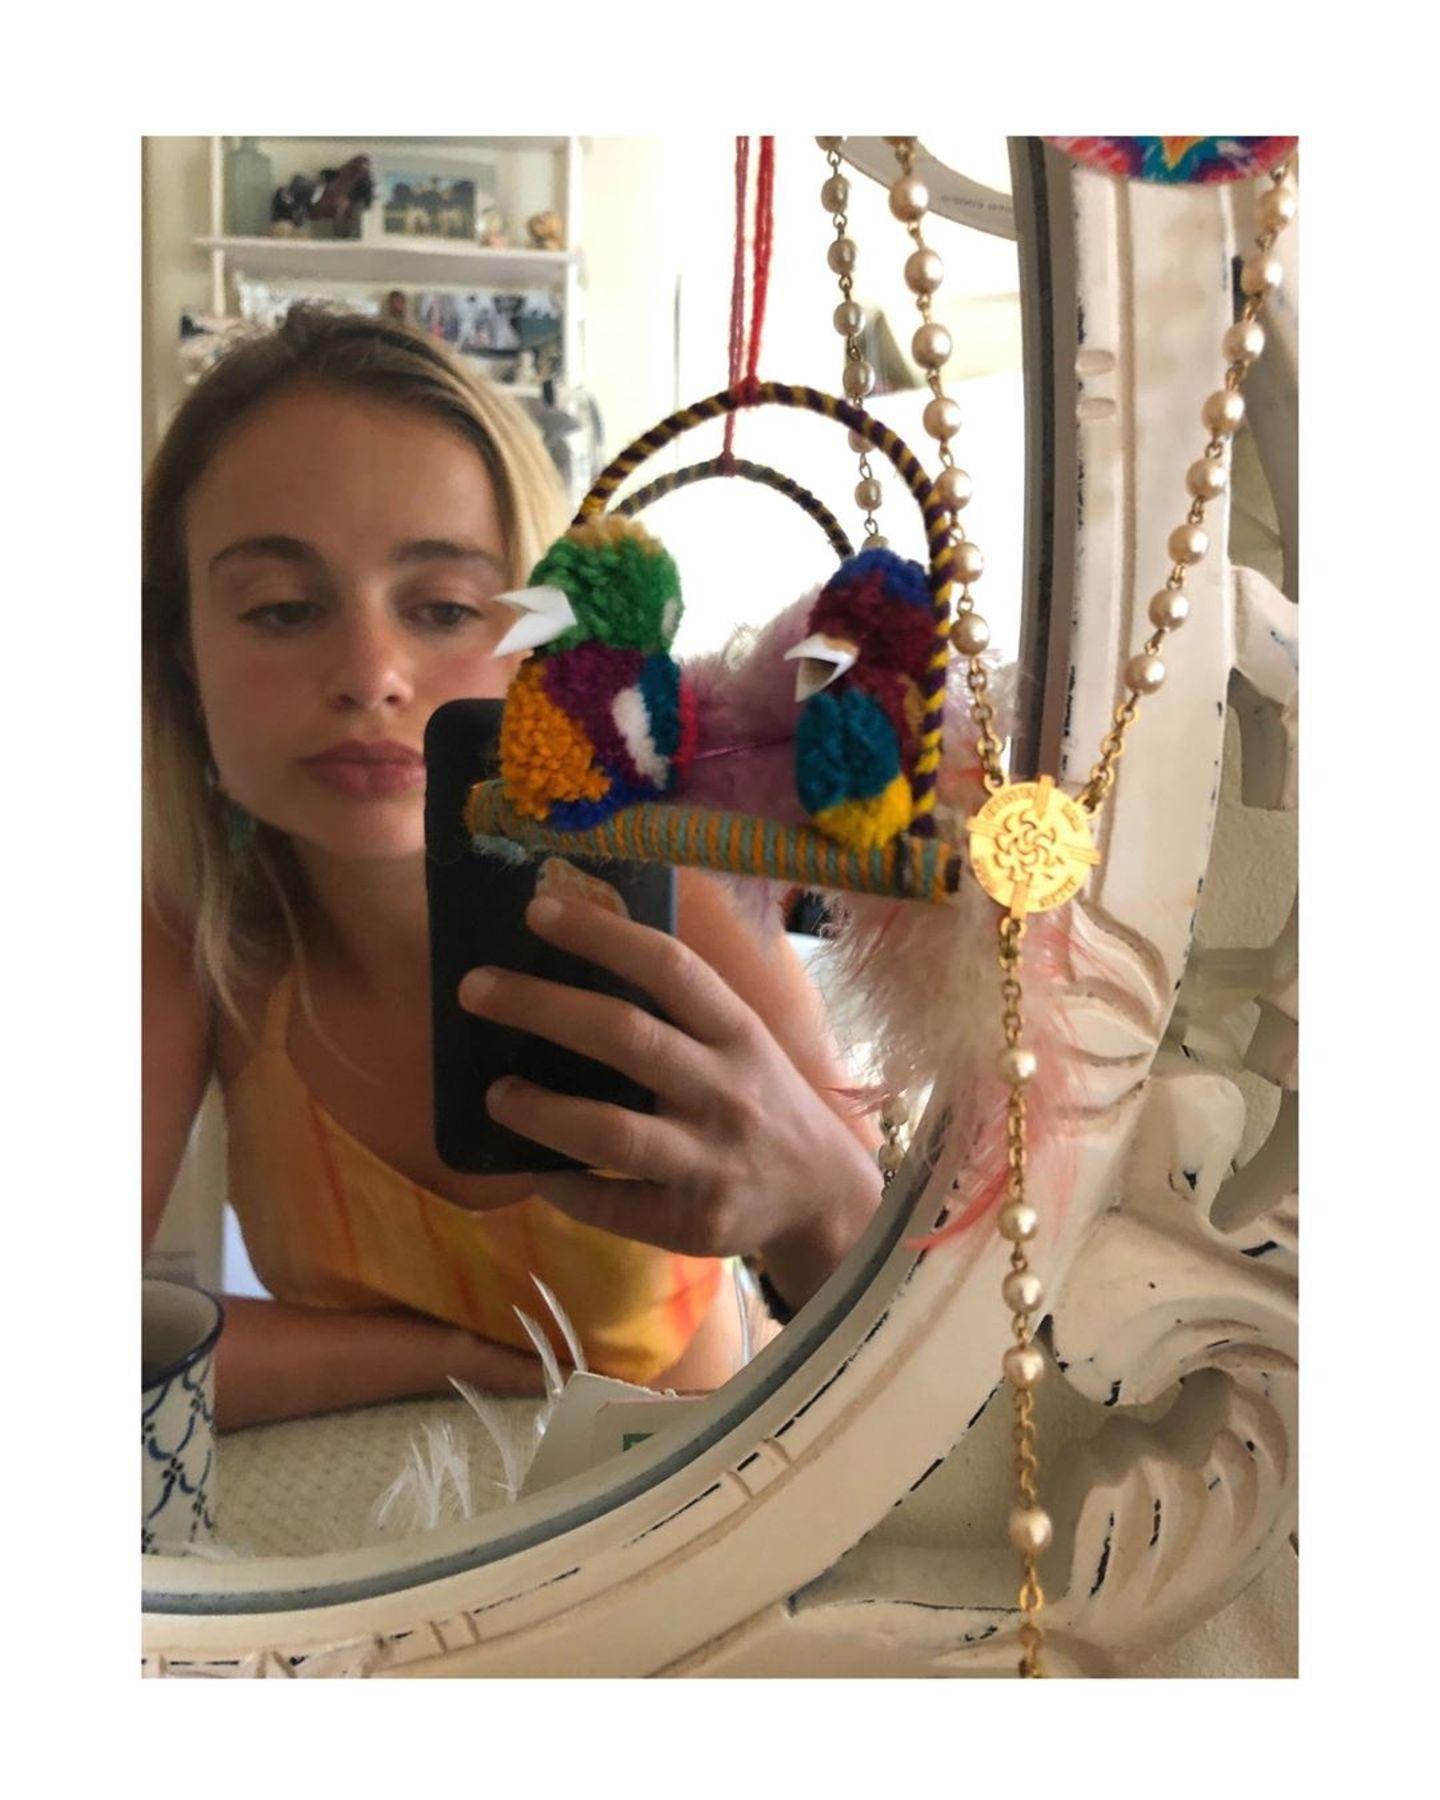 Der Boho-Touch zieht sich durchs ganze Haus bis ins Schlafzimmer: Der Spiegel ist im Shabby-Chic, daran baumelt Schmuck. Im Hintergrund ist ein weißes Regal mit vielen Bildern zu sehen.